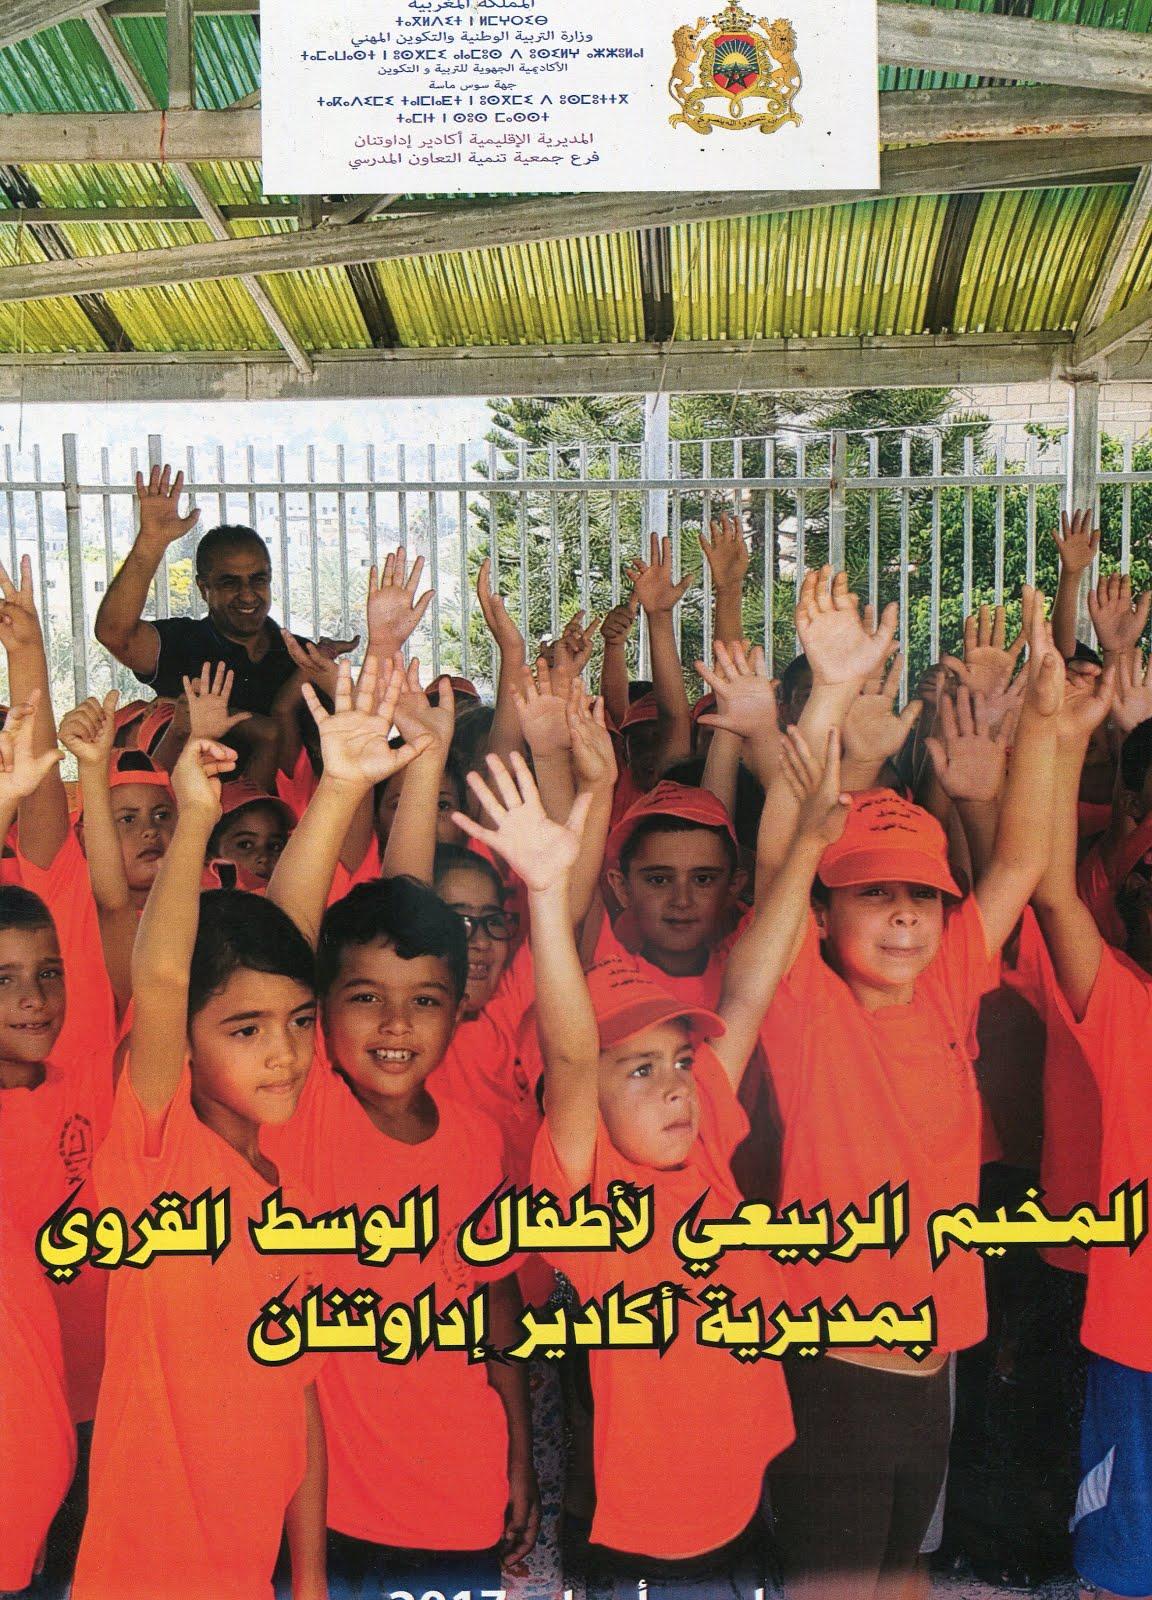 المخيم الربيعي المدرسي الحضاري لتلاميذ اللقرى اكادير اداوتنان 2017